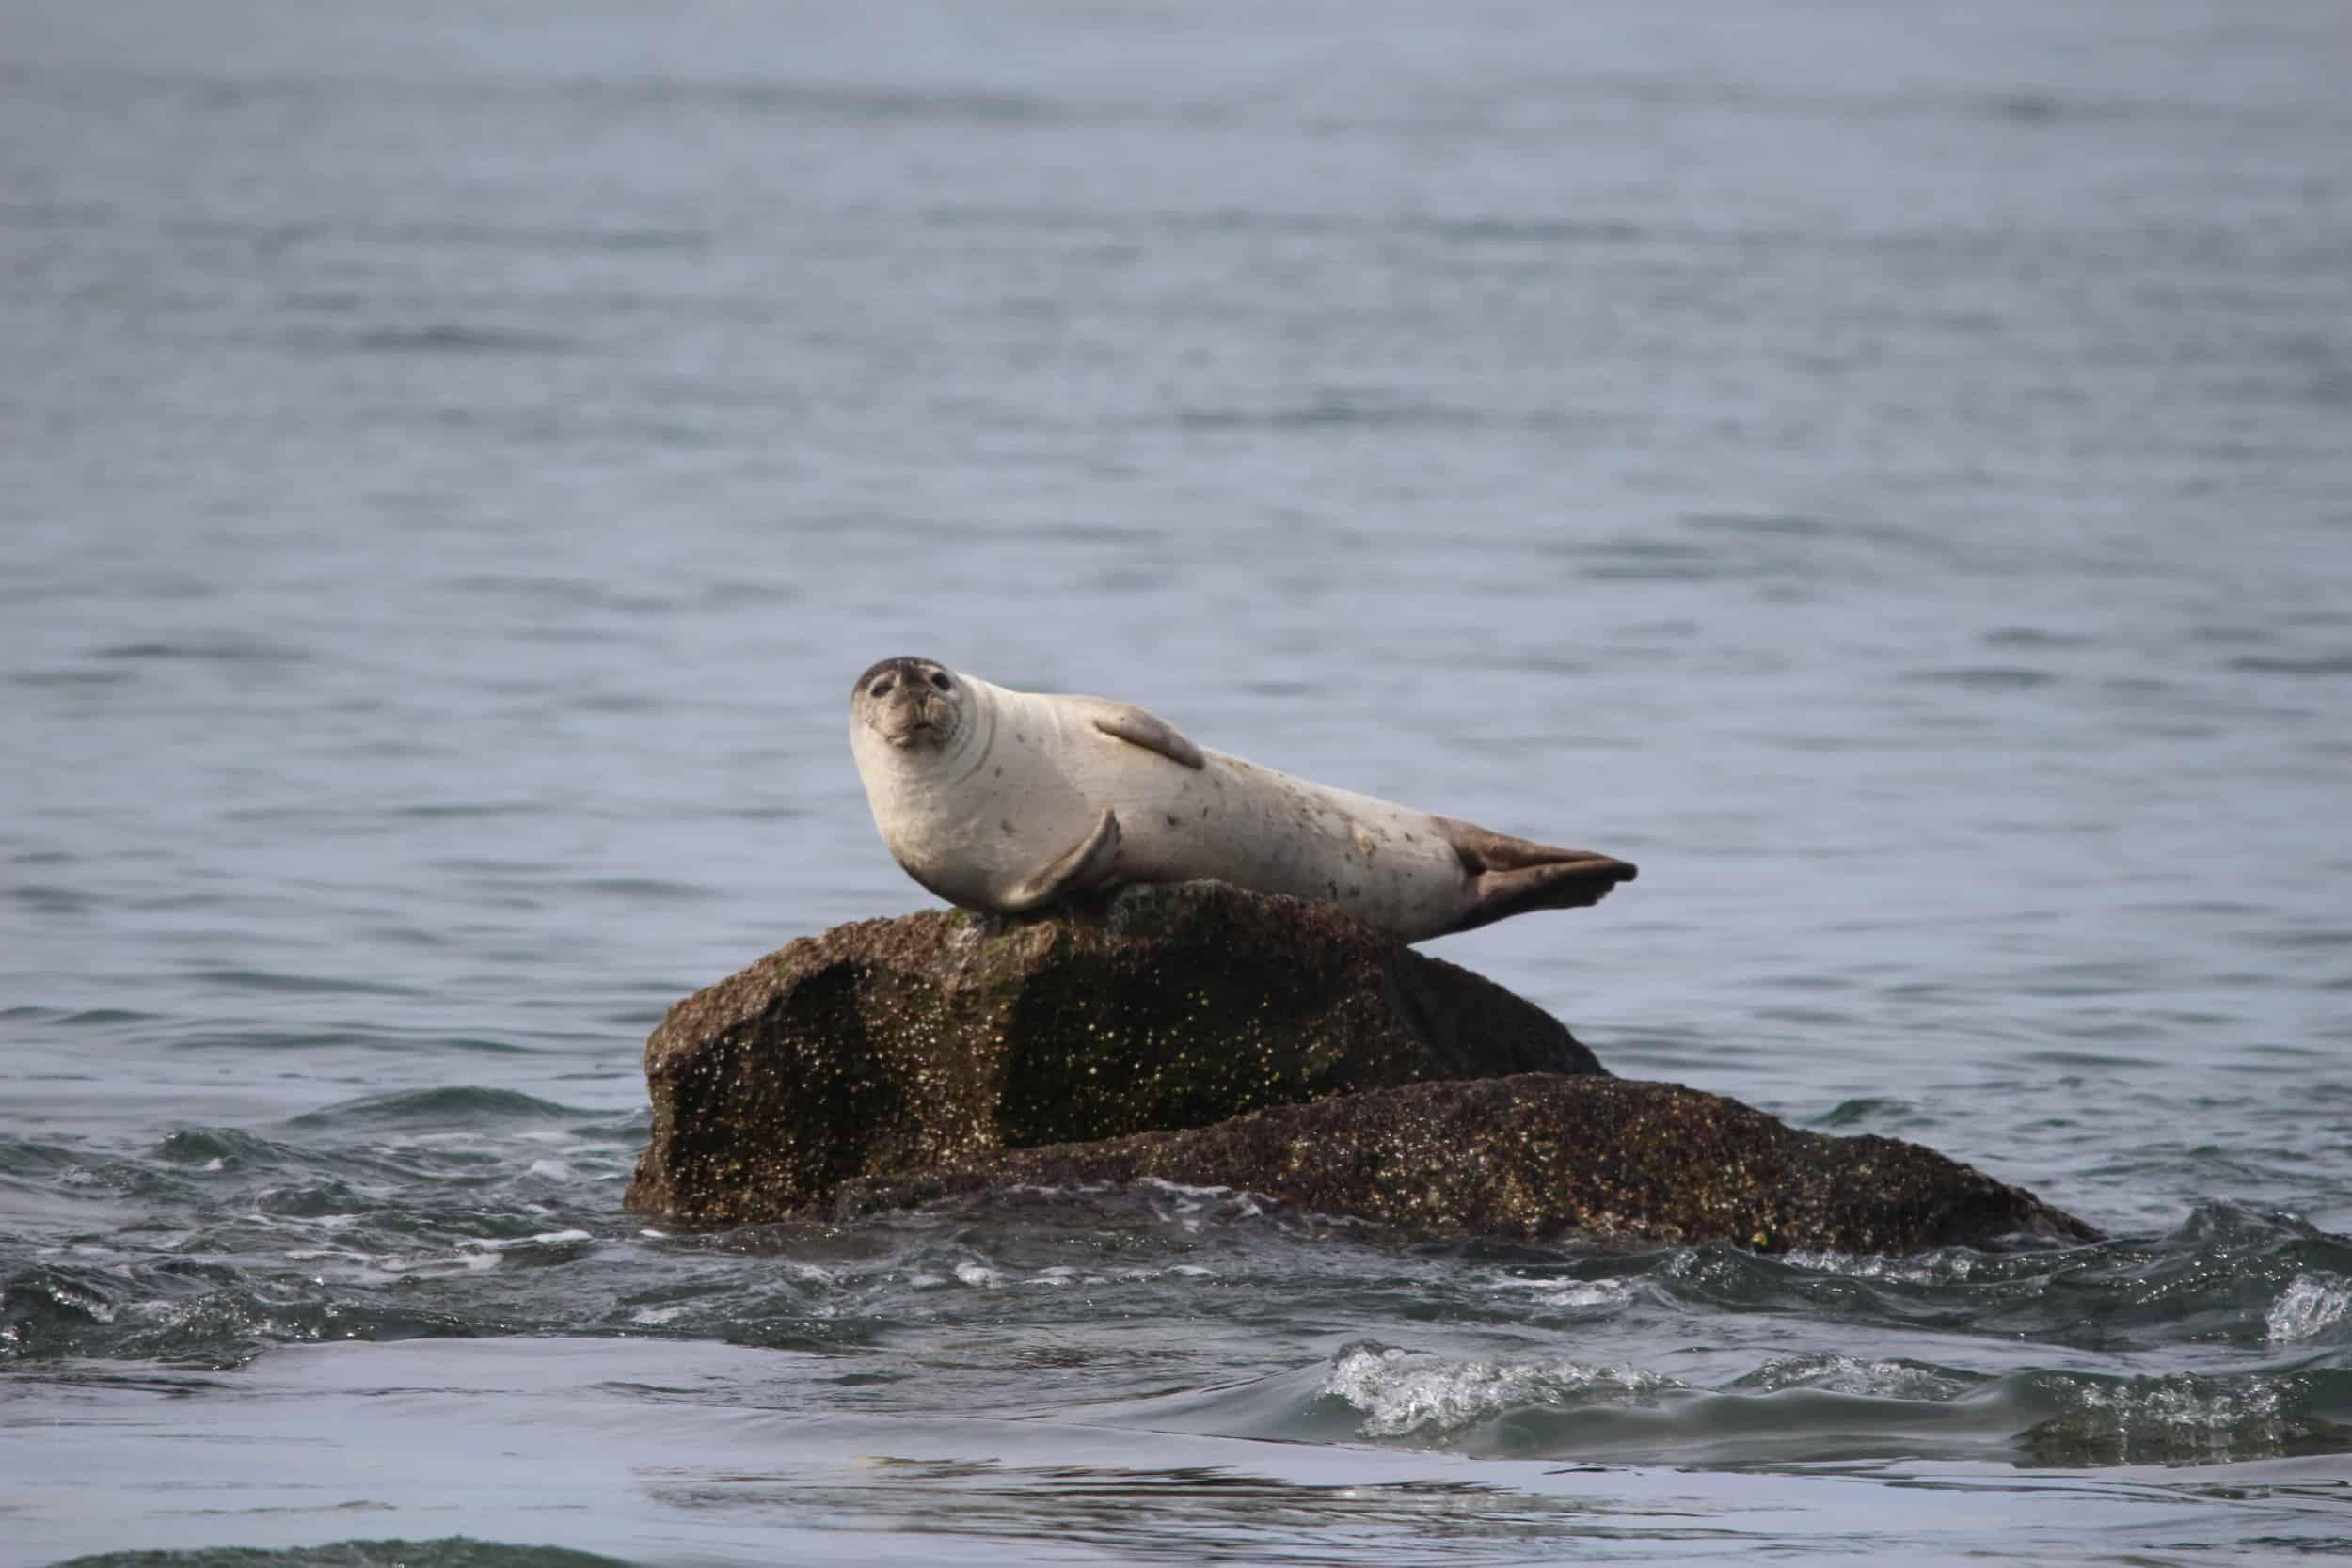 Photo: Virginia Aquarium & Marine Science Center